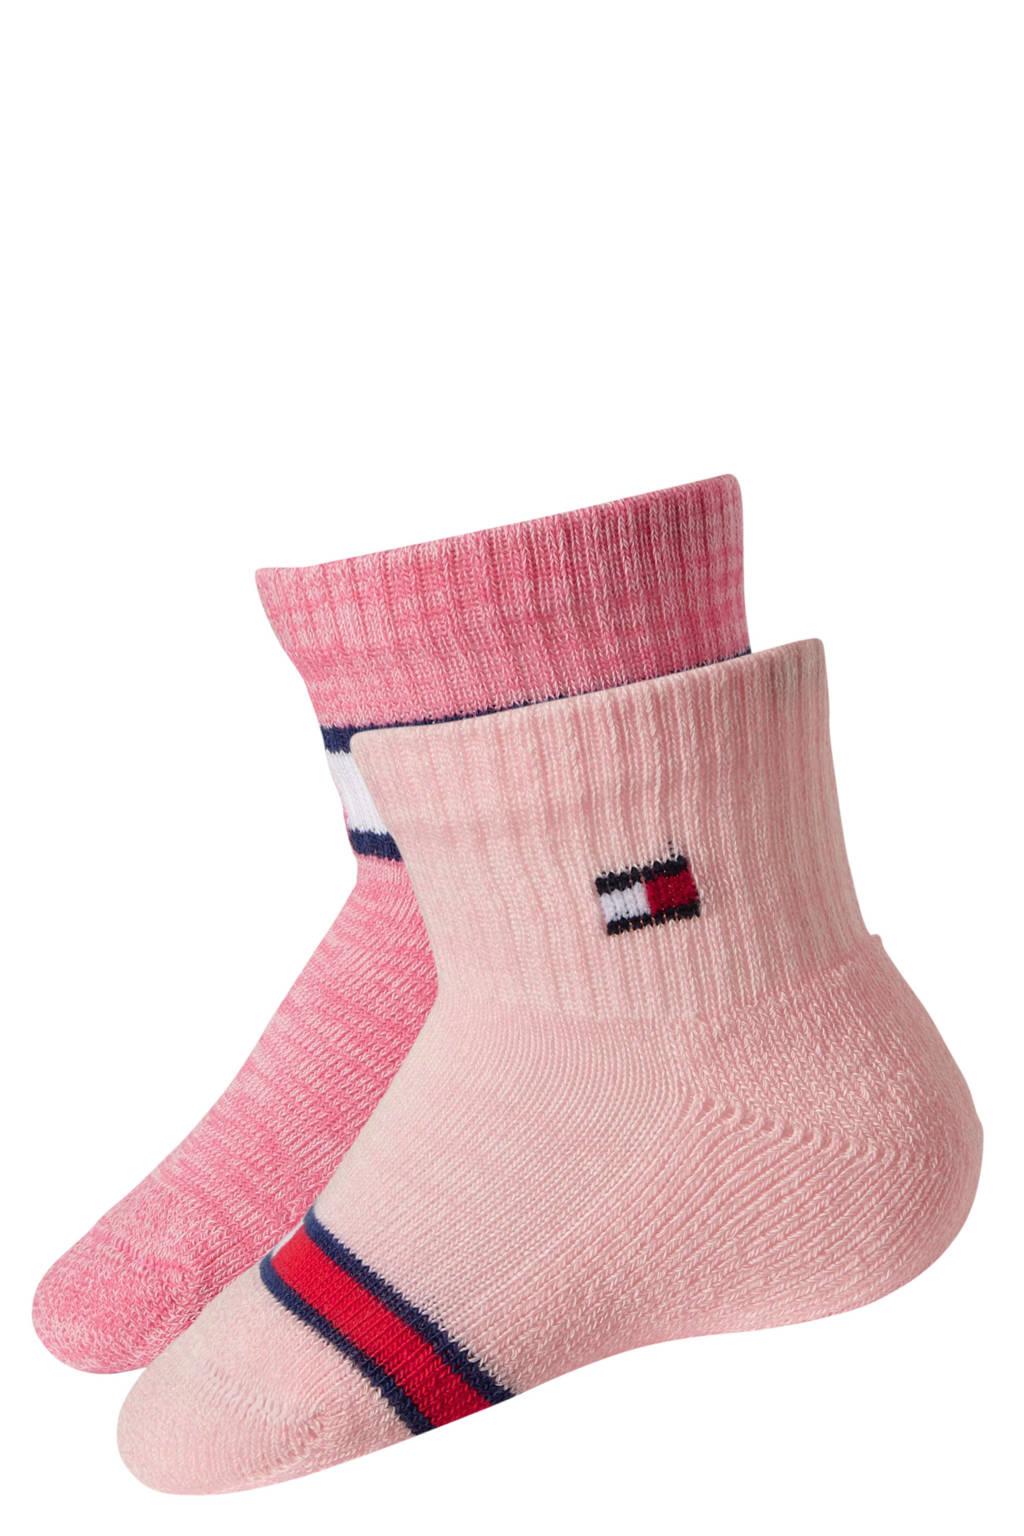 Tommy Hilfiger baby sokken run free ( 2 paar ) roze, Roze/wit/rood/blauw